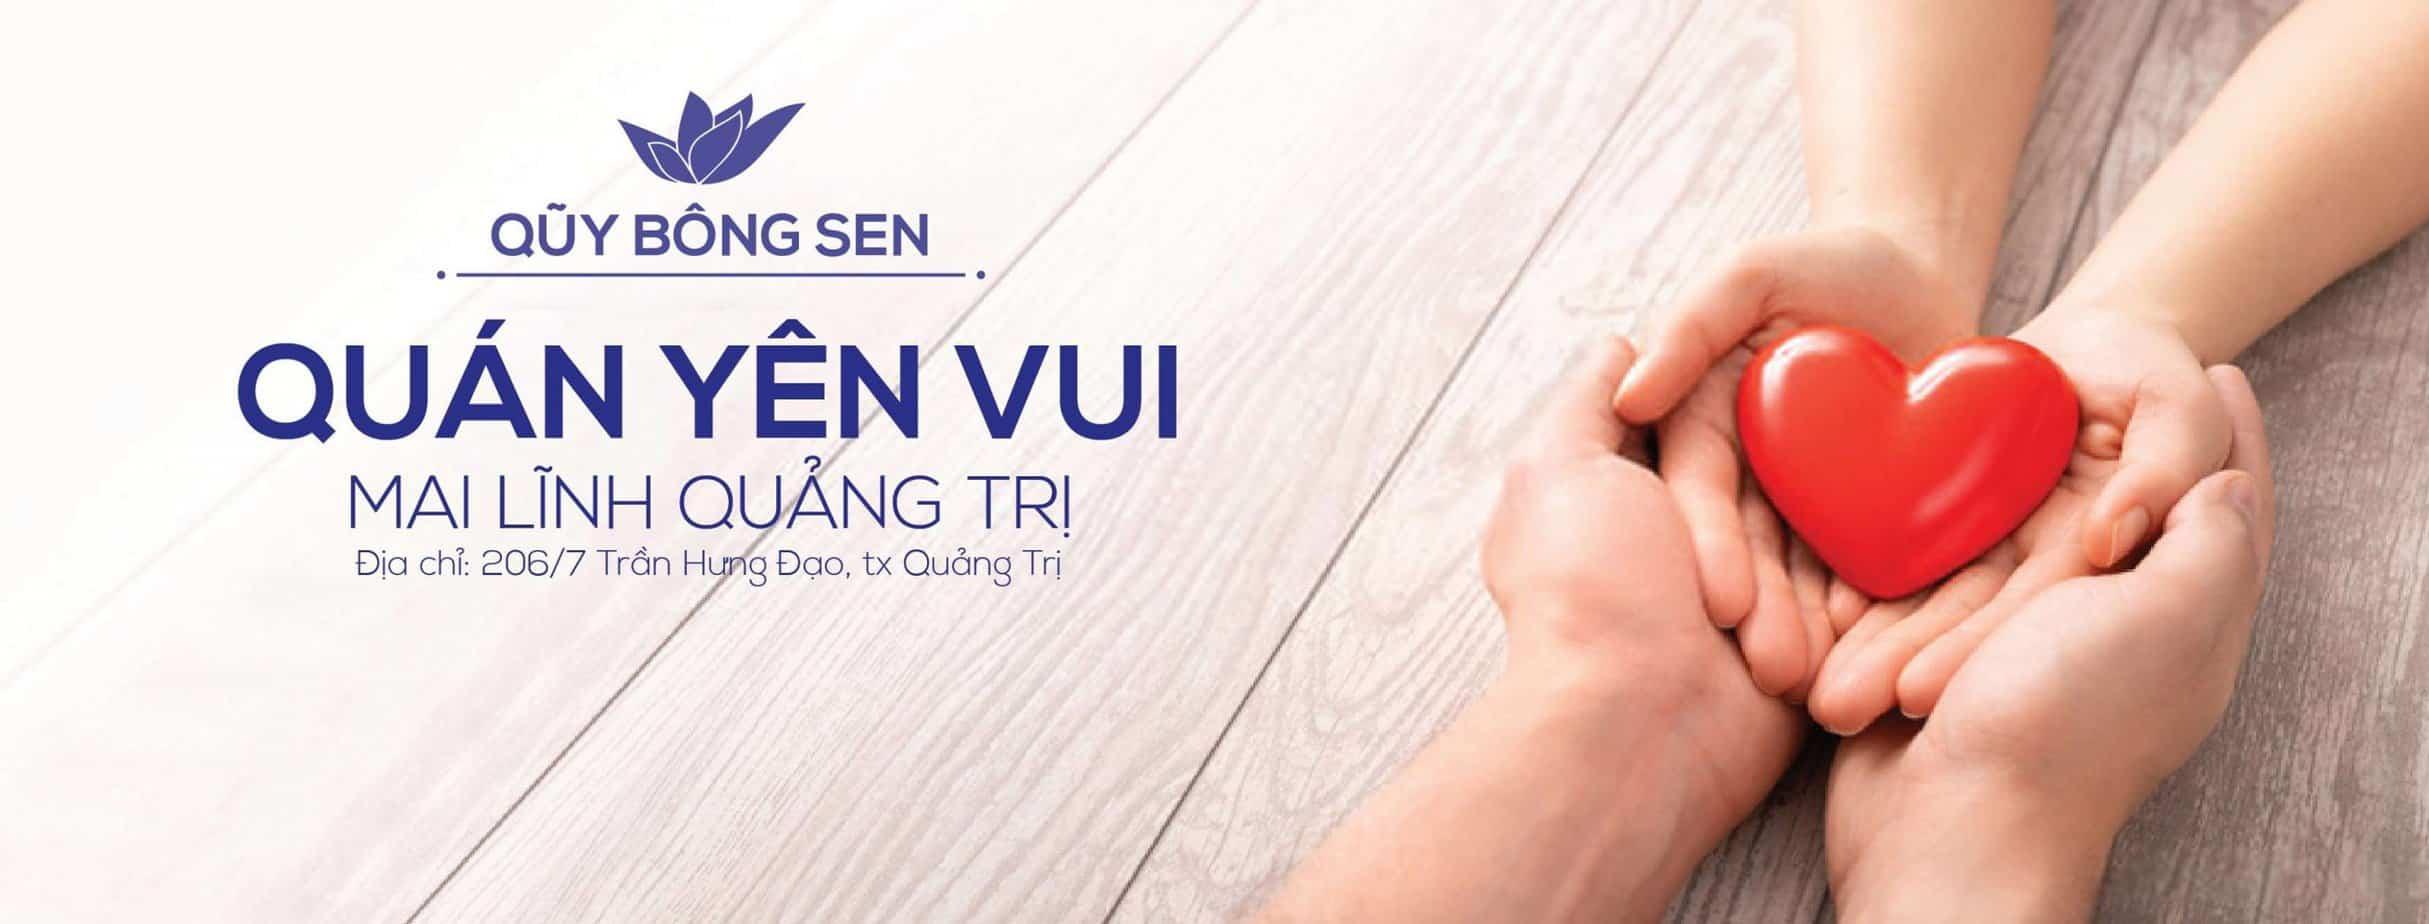 - Review Quán Cơm Yên Vui Mai Lĩnh Tại Quảng Trị